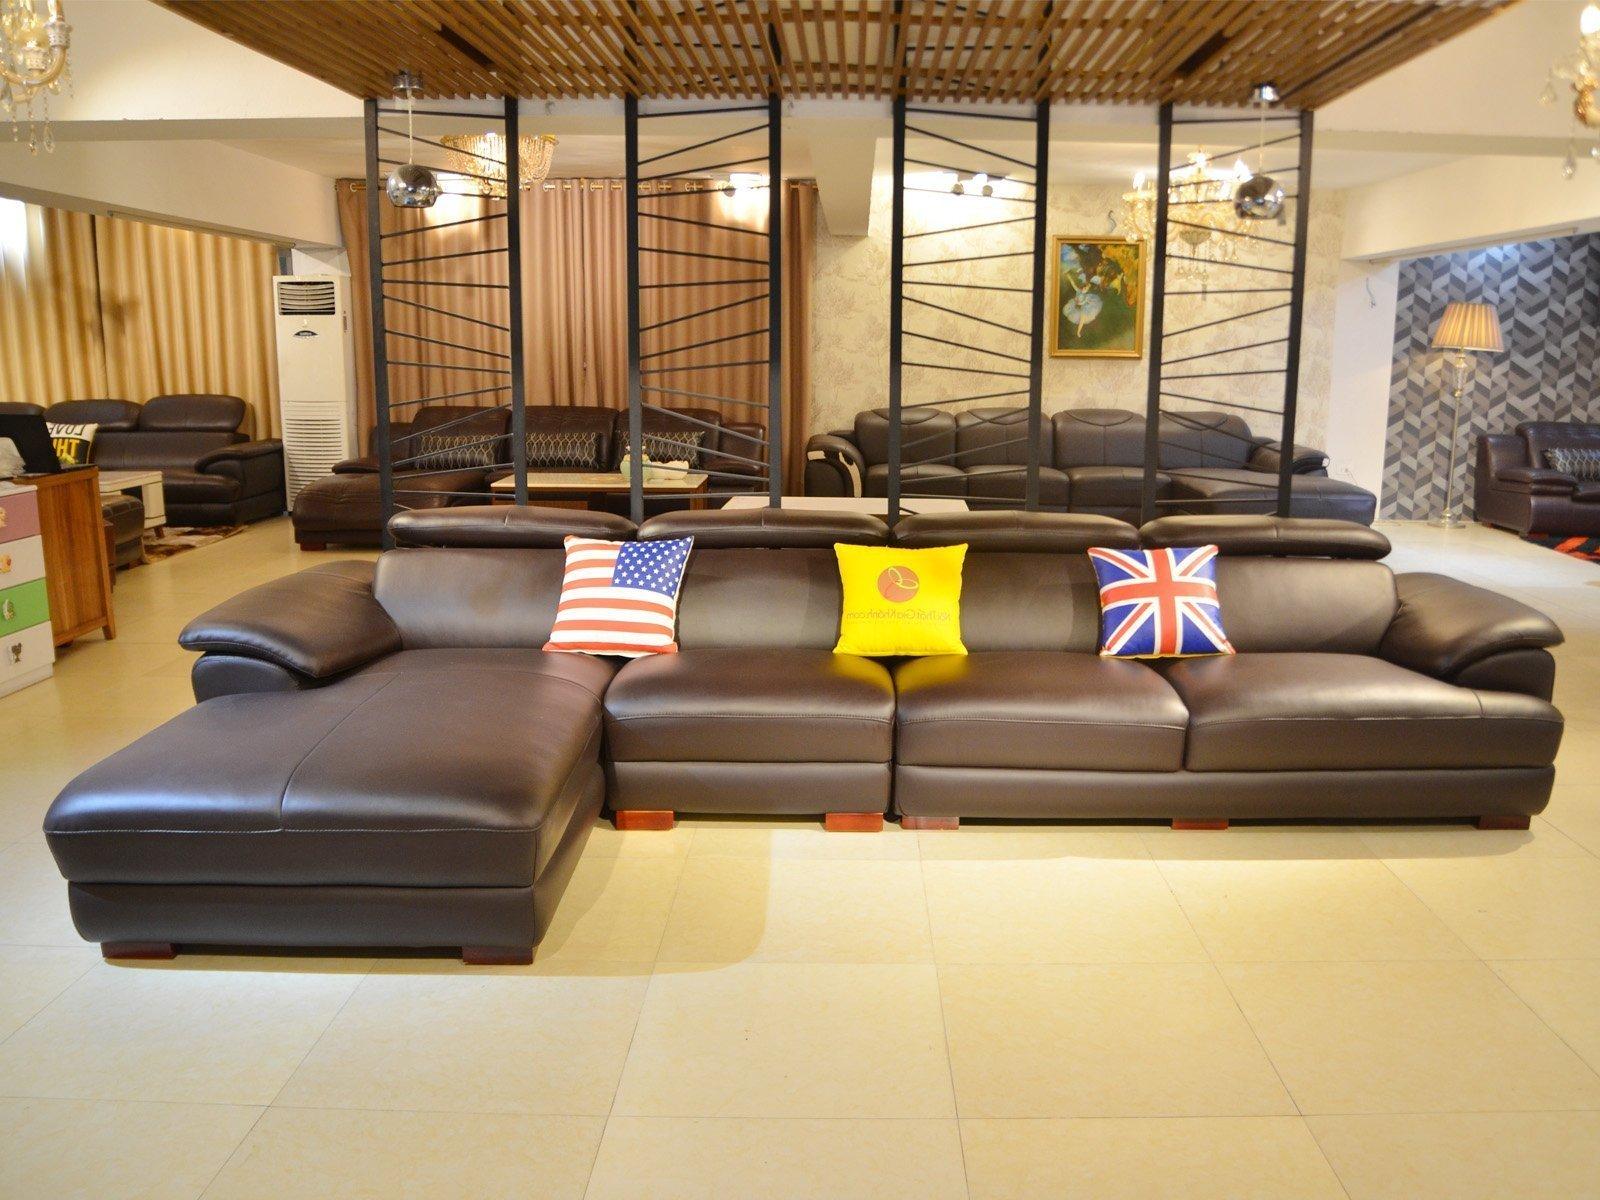 Sofa da góc chữ L cao cấp 3 băng nhập khẩu SF933-3B - Untitled 5 1